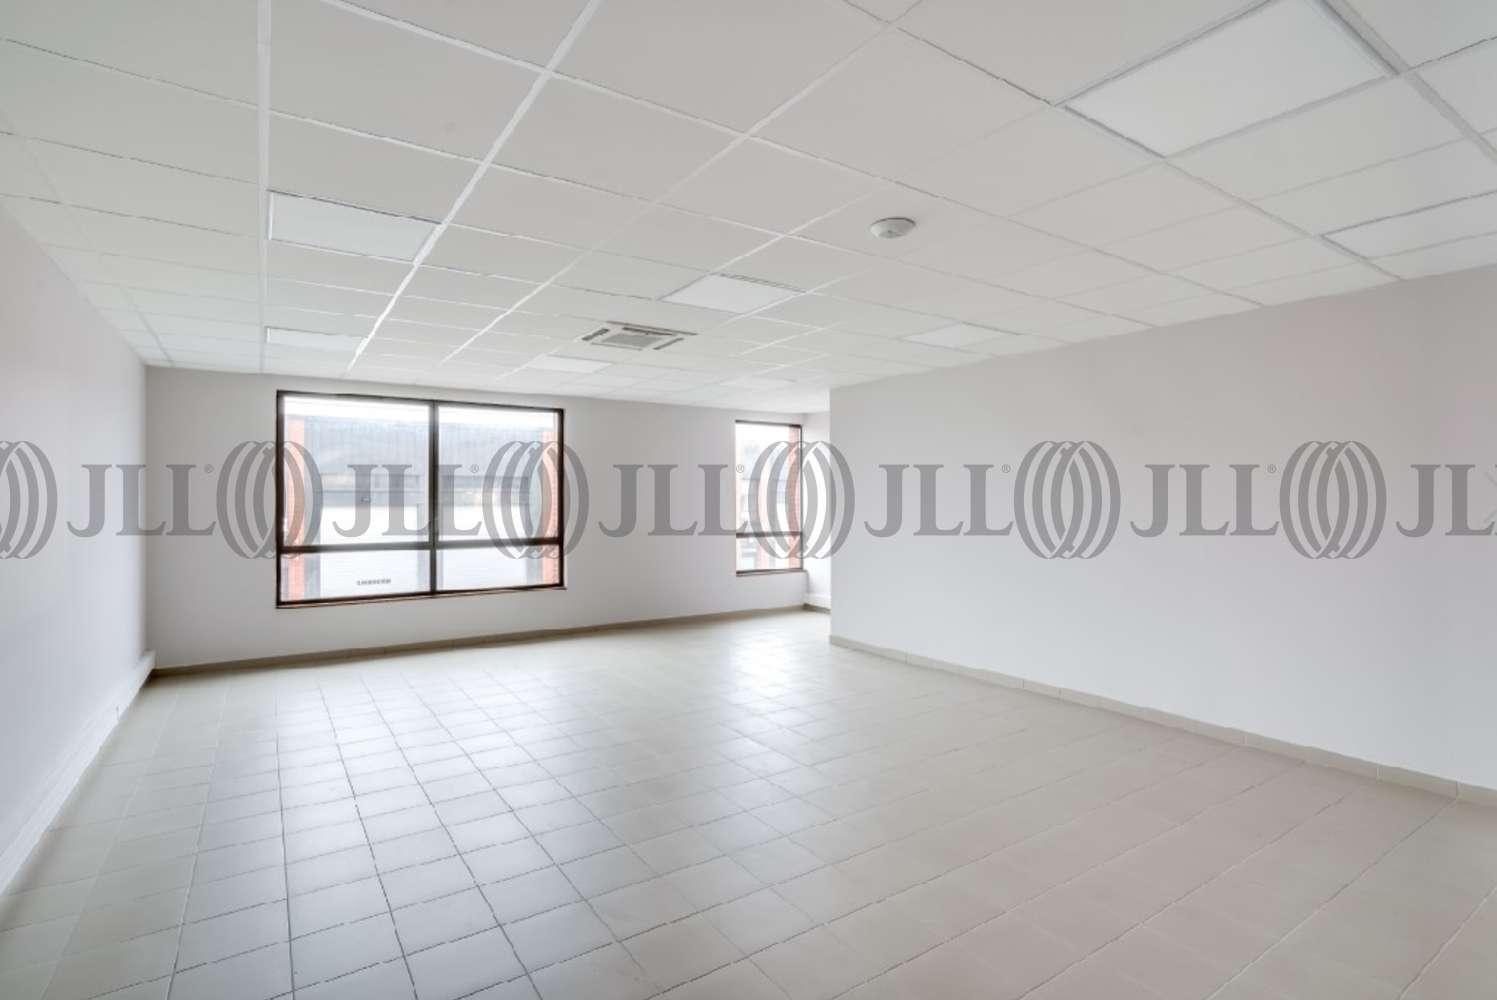 Activités/entrepôt Groslay, 95410 - ACTI PARC MONT DU VAL D'OISE - 10921163